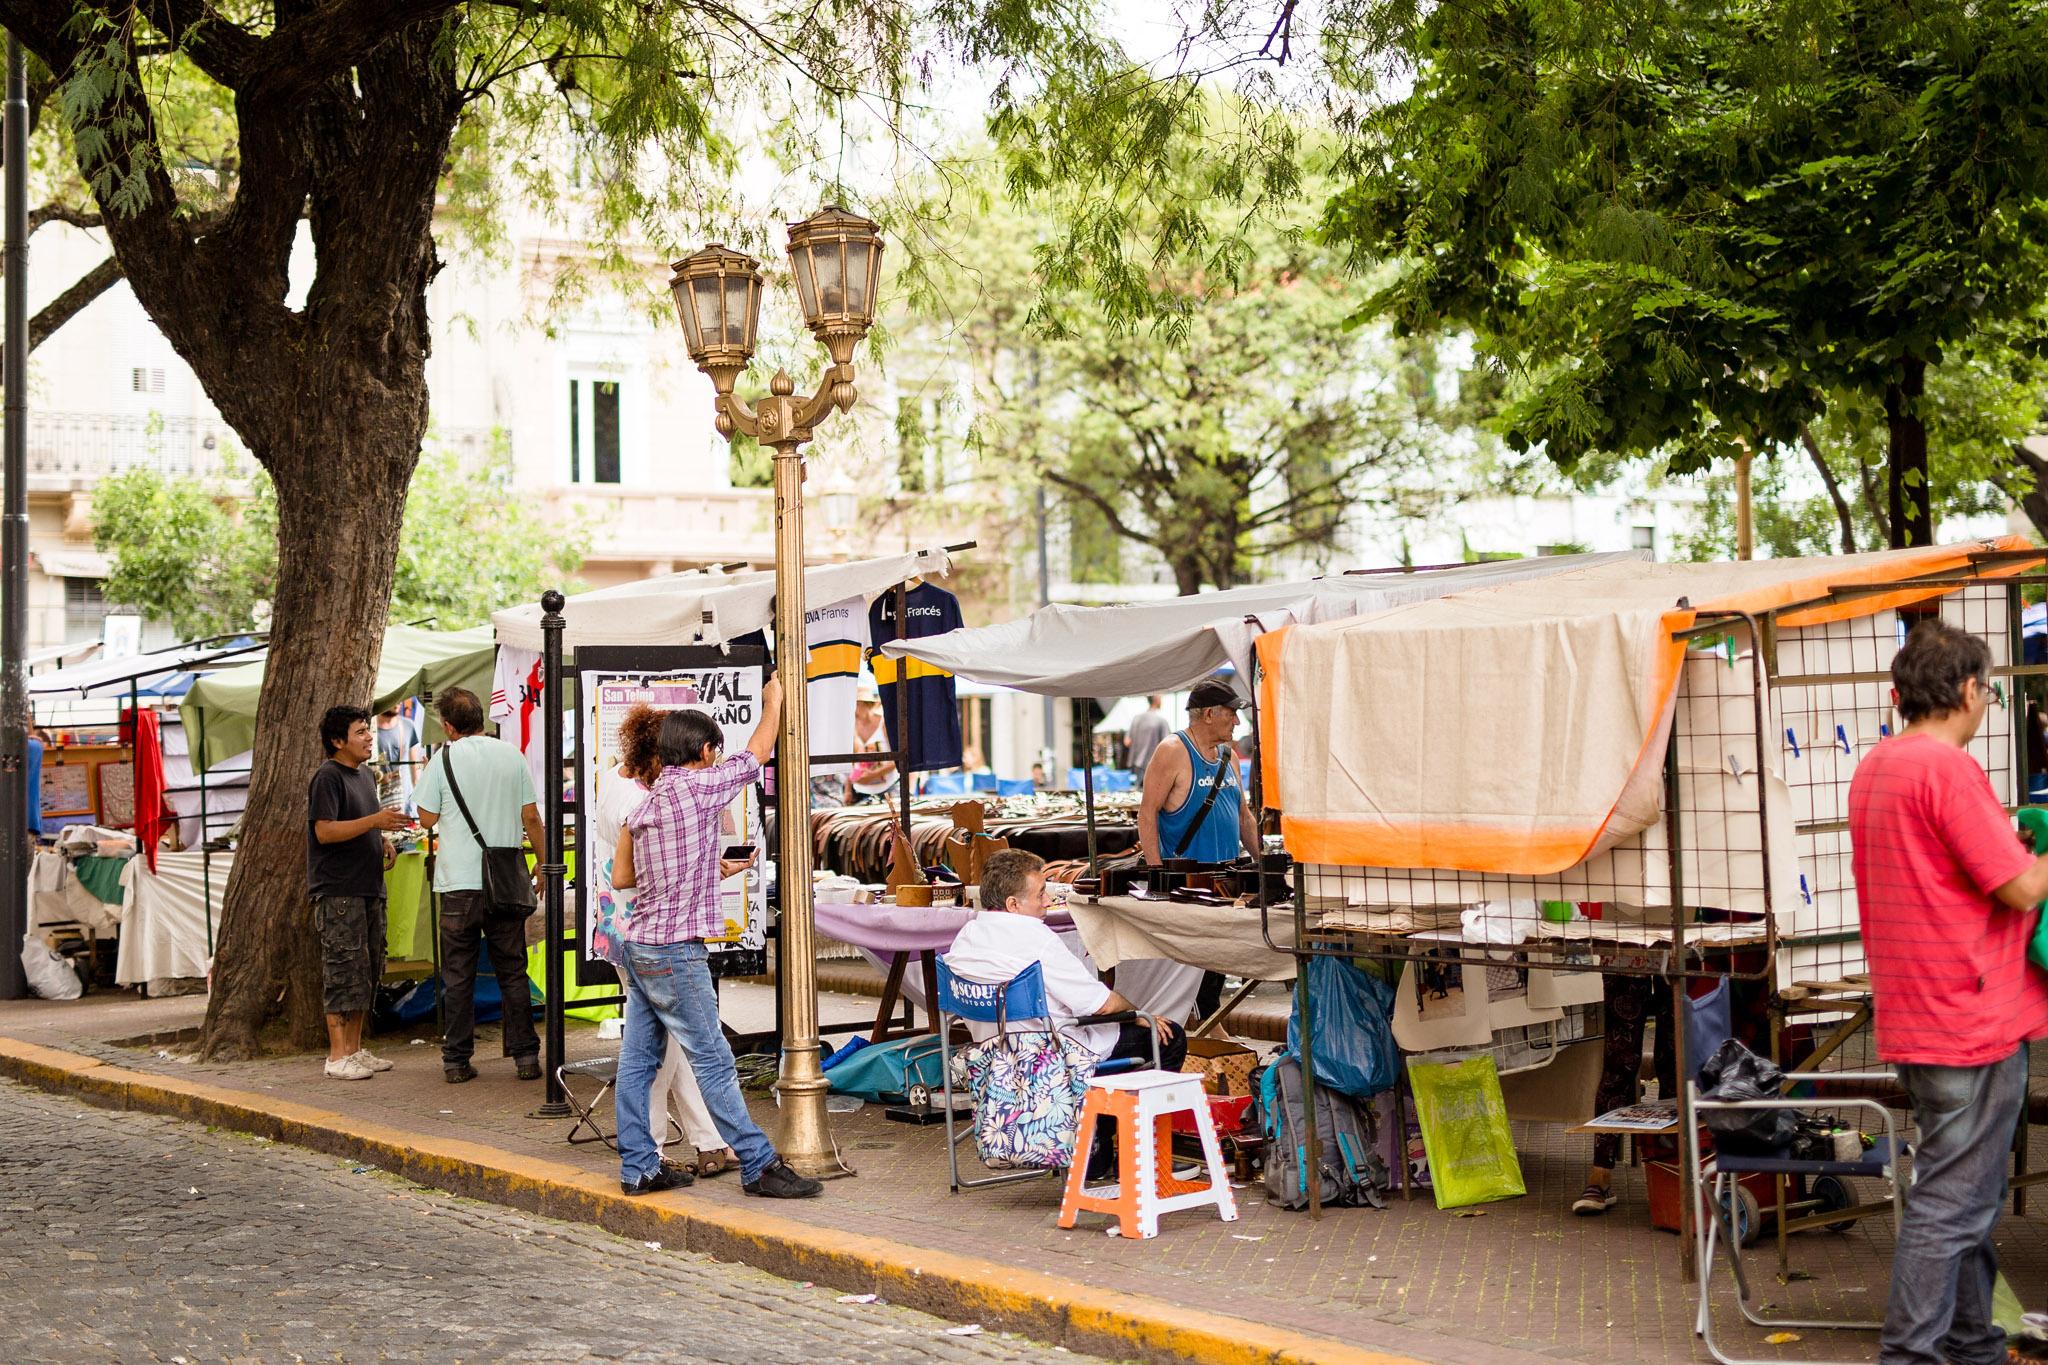 wedding-travellers-argentina-buenos-aires-san-telmo-mercado-pulgas-flea-market